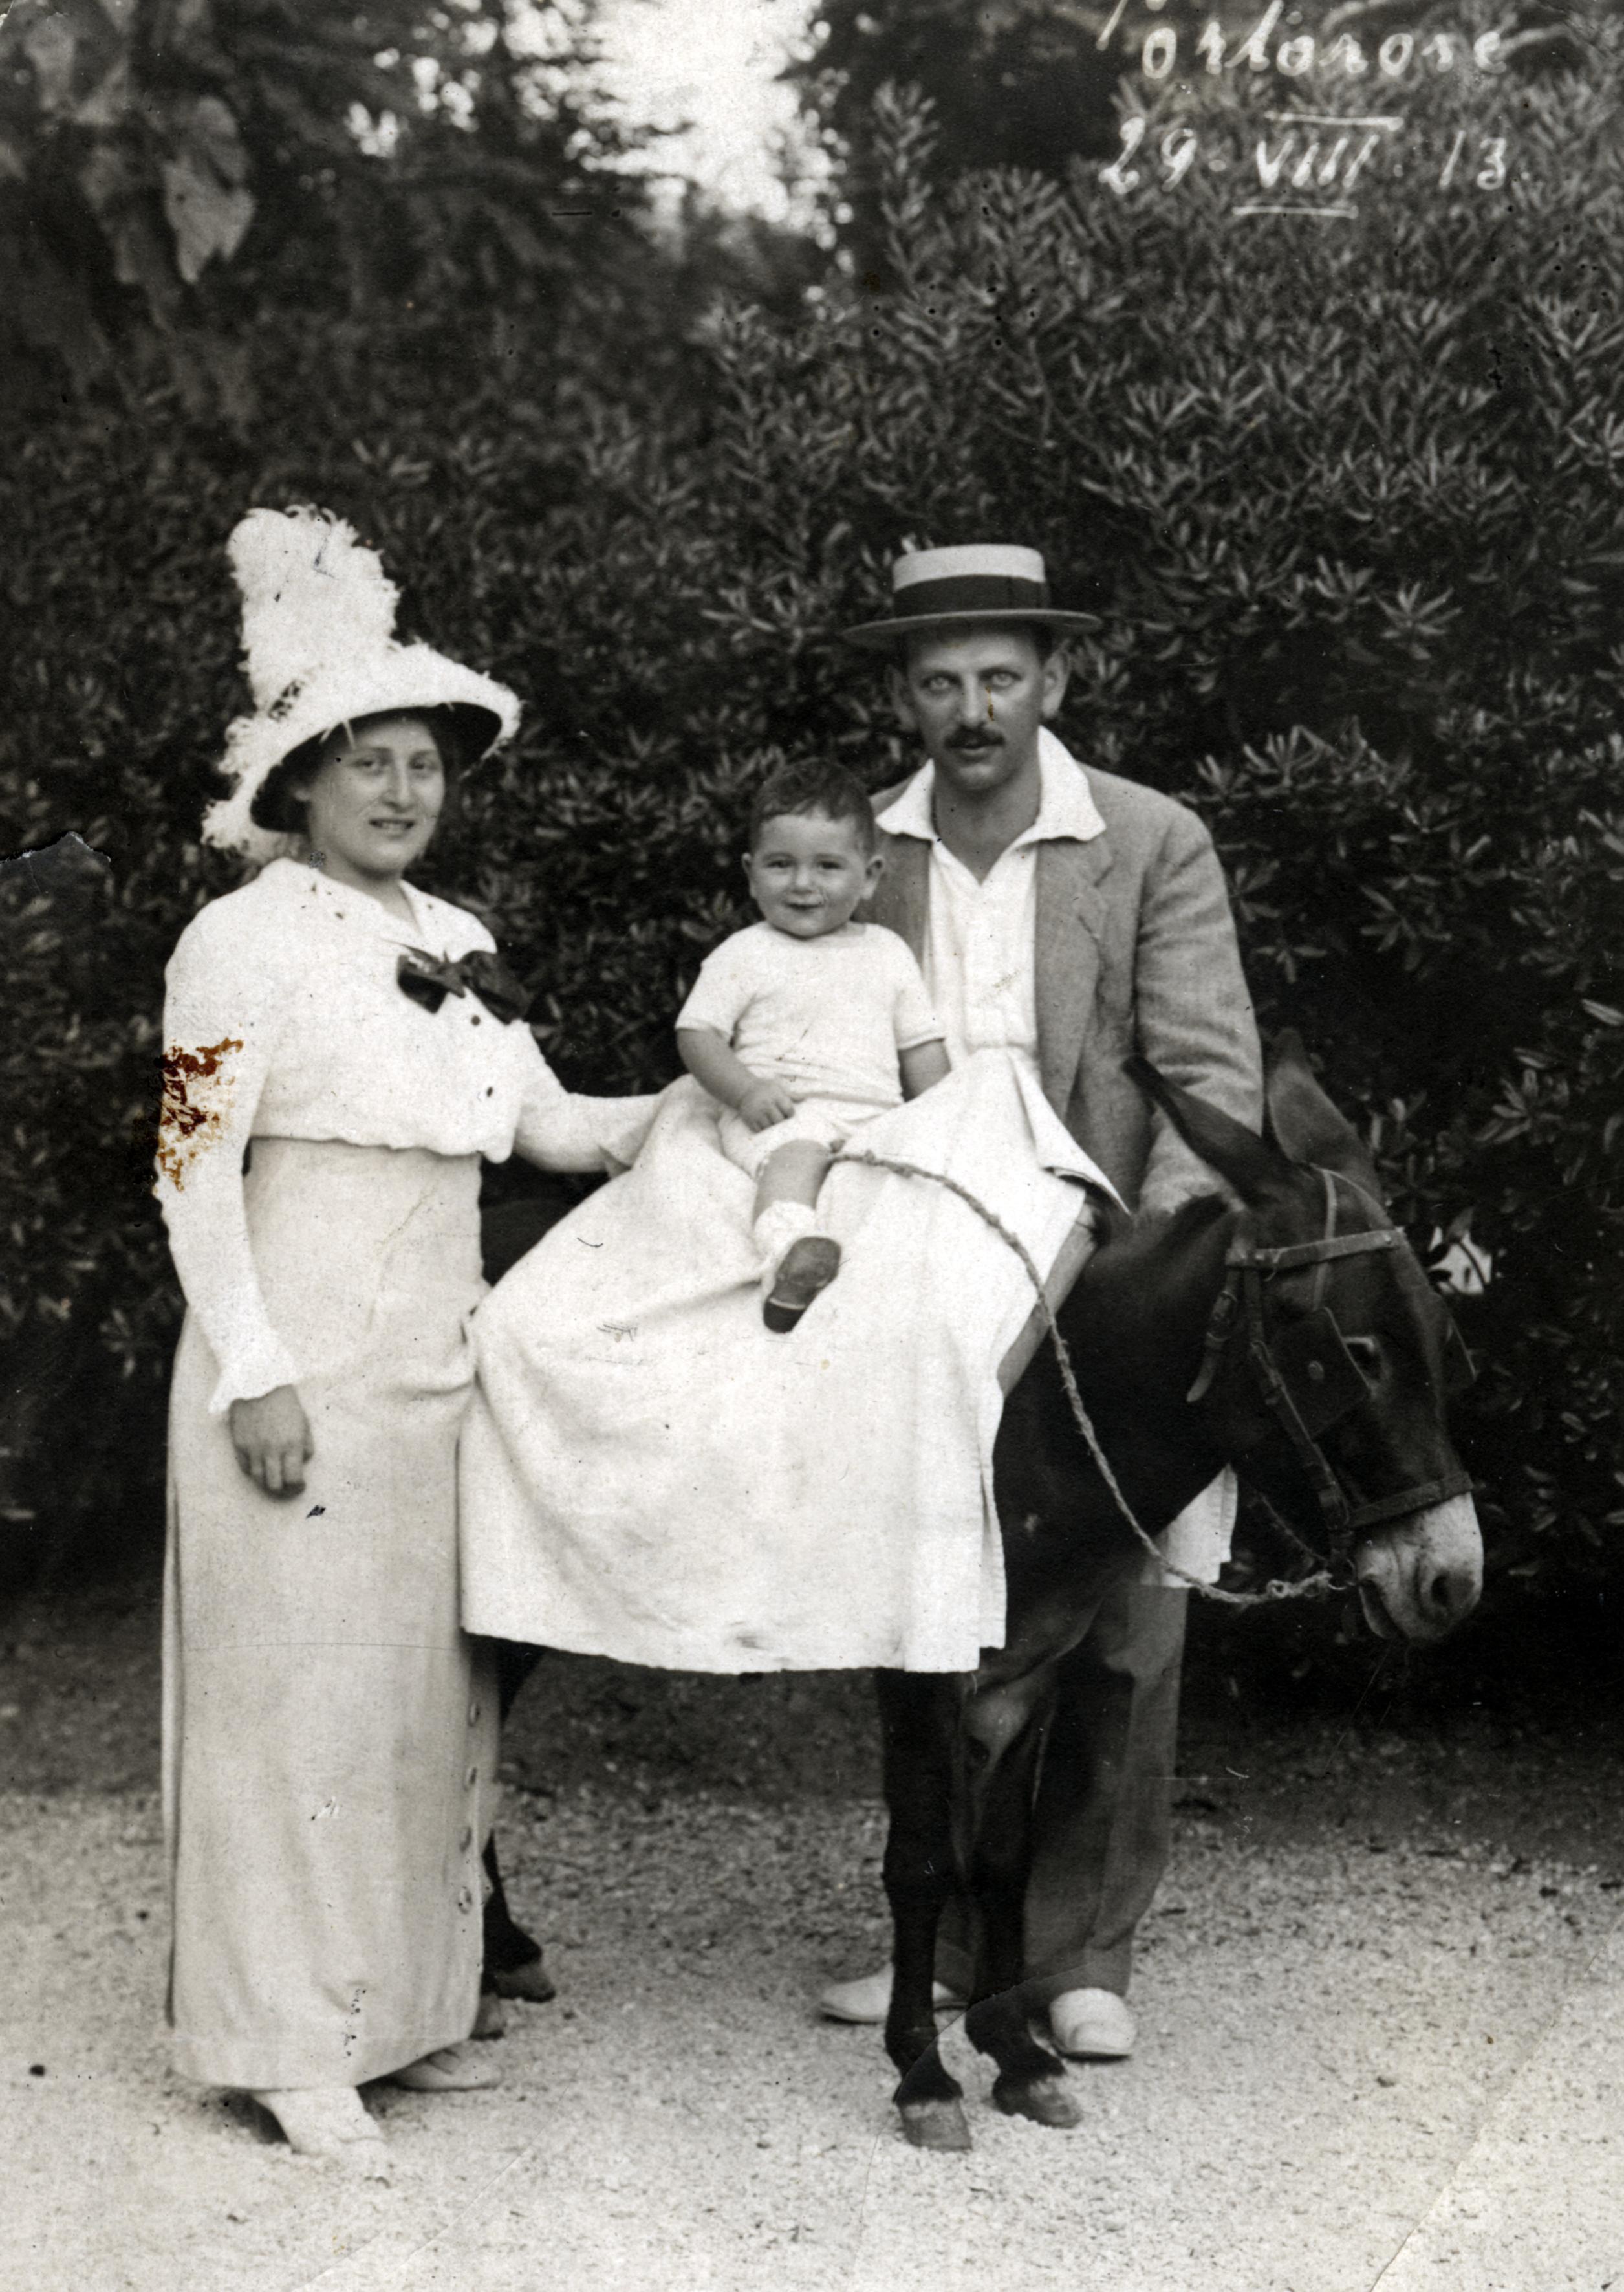 Vilma und Albert Smolka mit ihrem Sohn Peter im Sommerurlaub in Italien